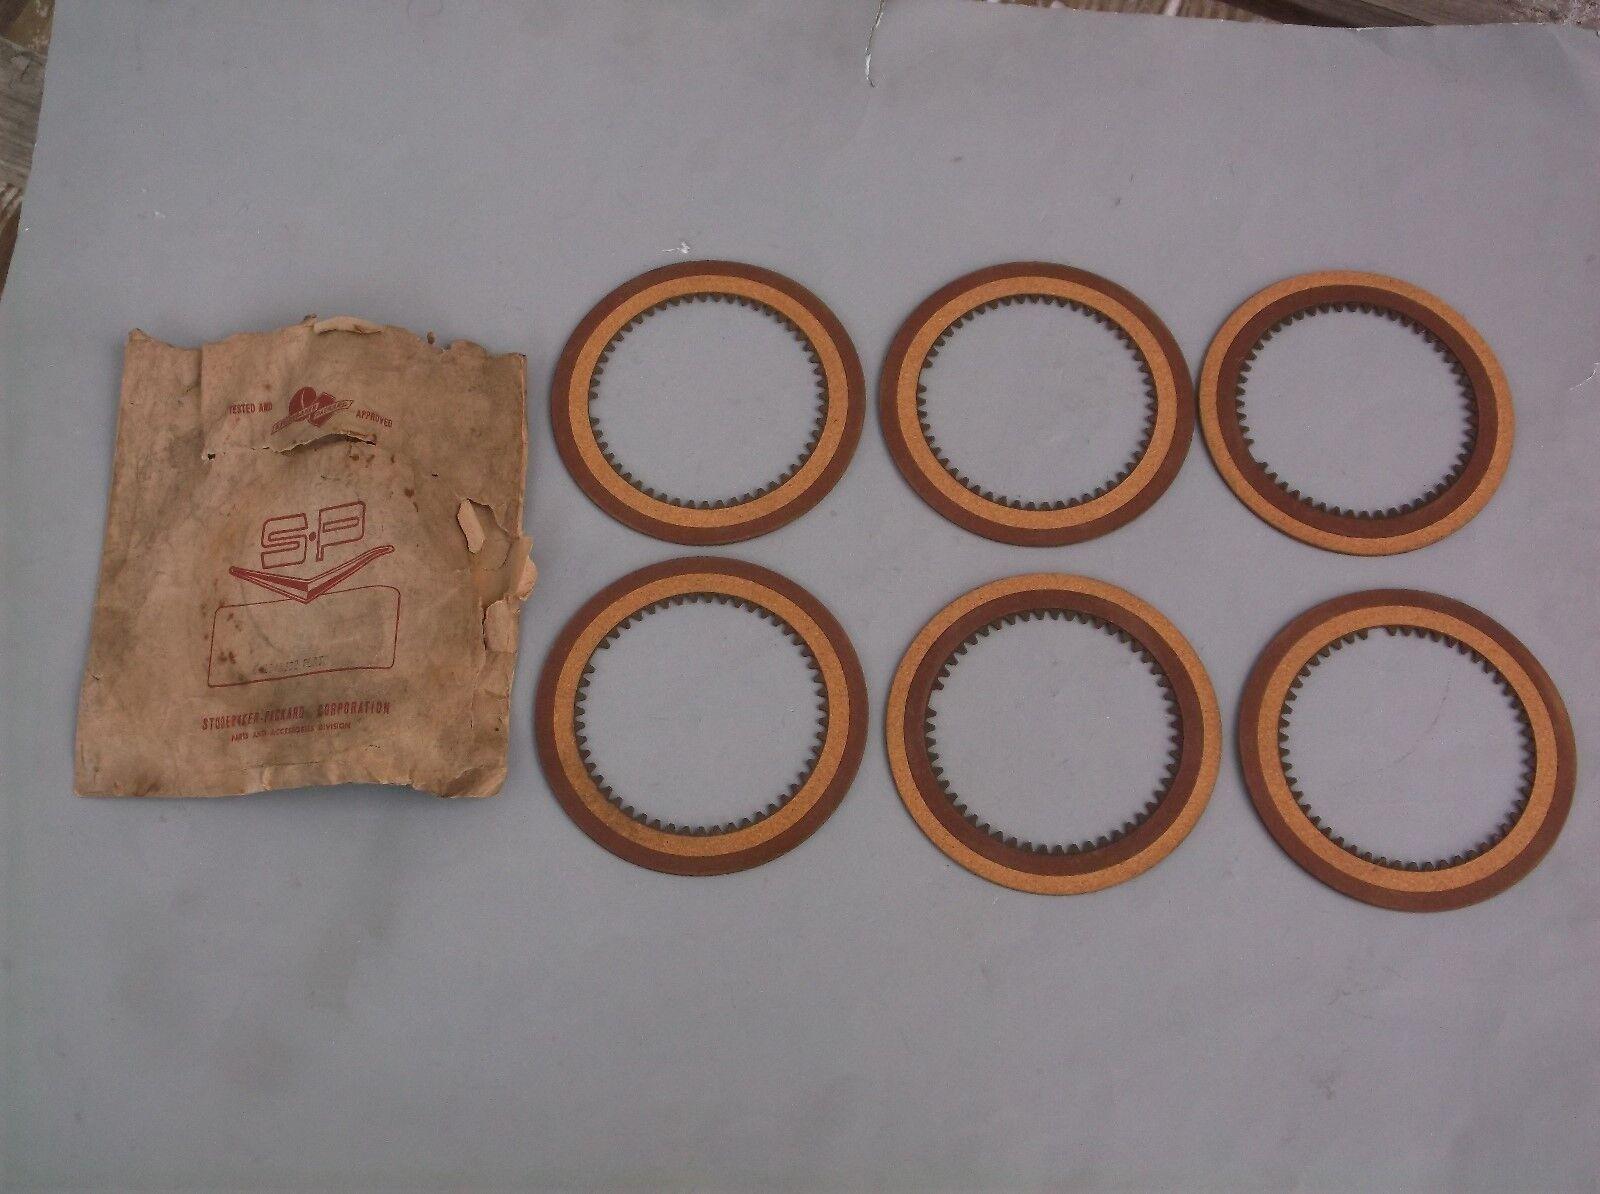 (6) NOS Studebaker Transmission Clutch Disc Plates part number 1548882